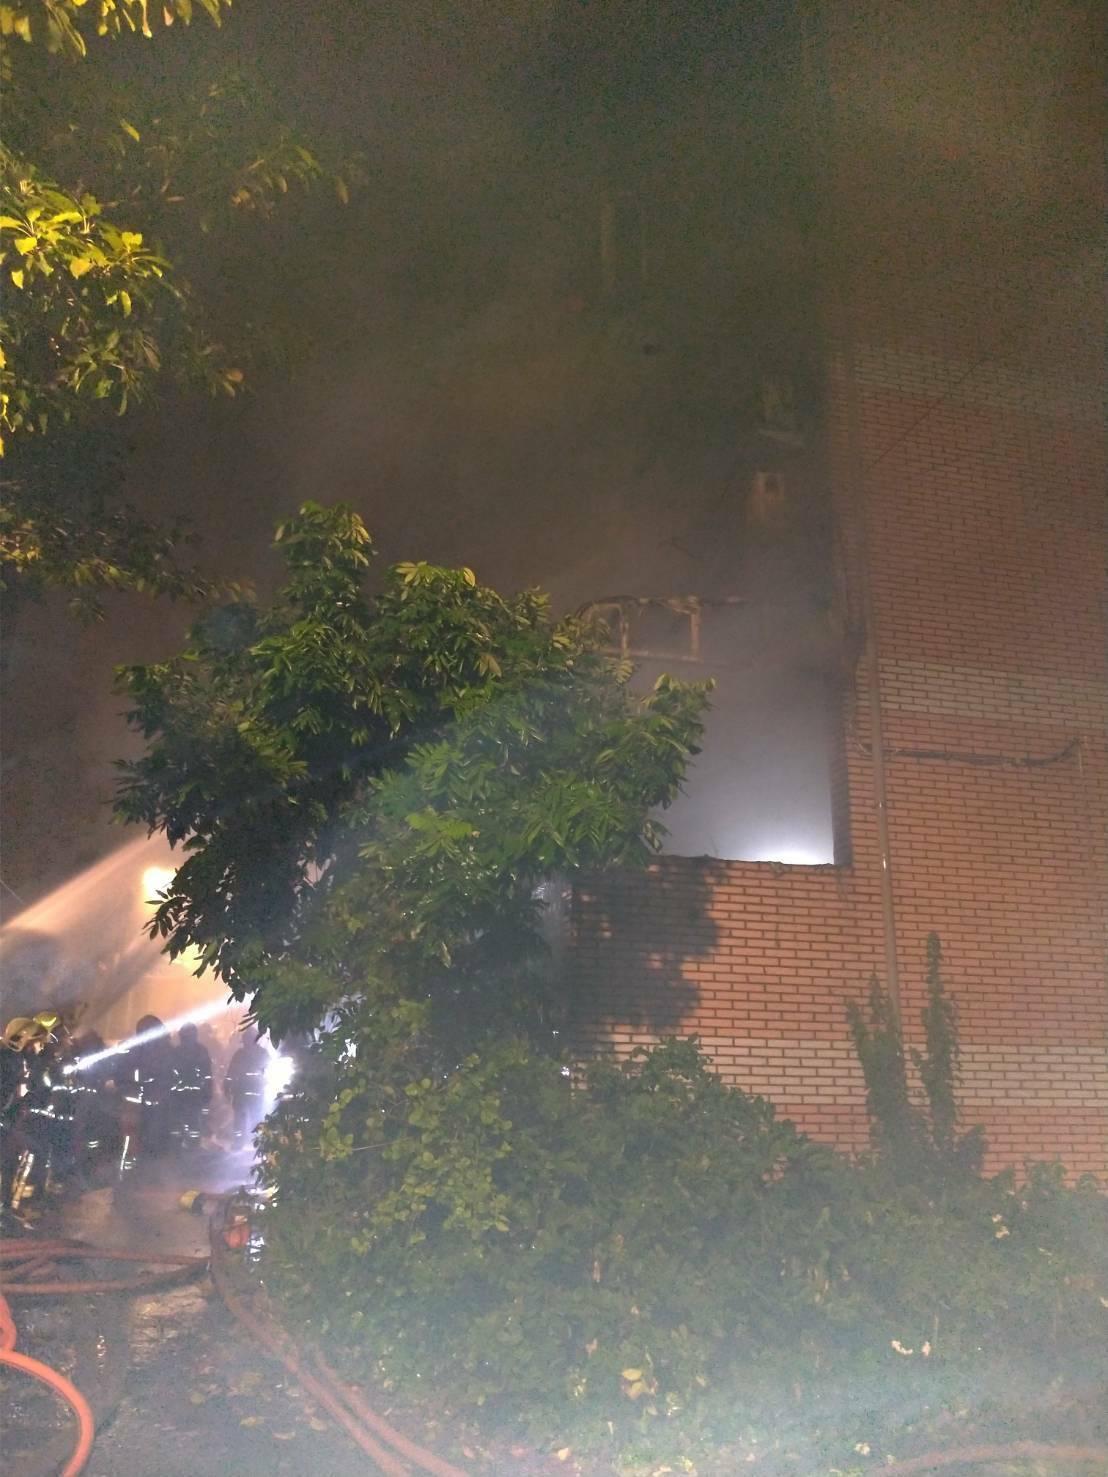 新北市鶯歌區一間透天厝凌晨發生火警,消防人員趕往現場搶救,無奈大火仍不幸造成3死1傷的悲劇。(翻攝畫面)